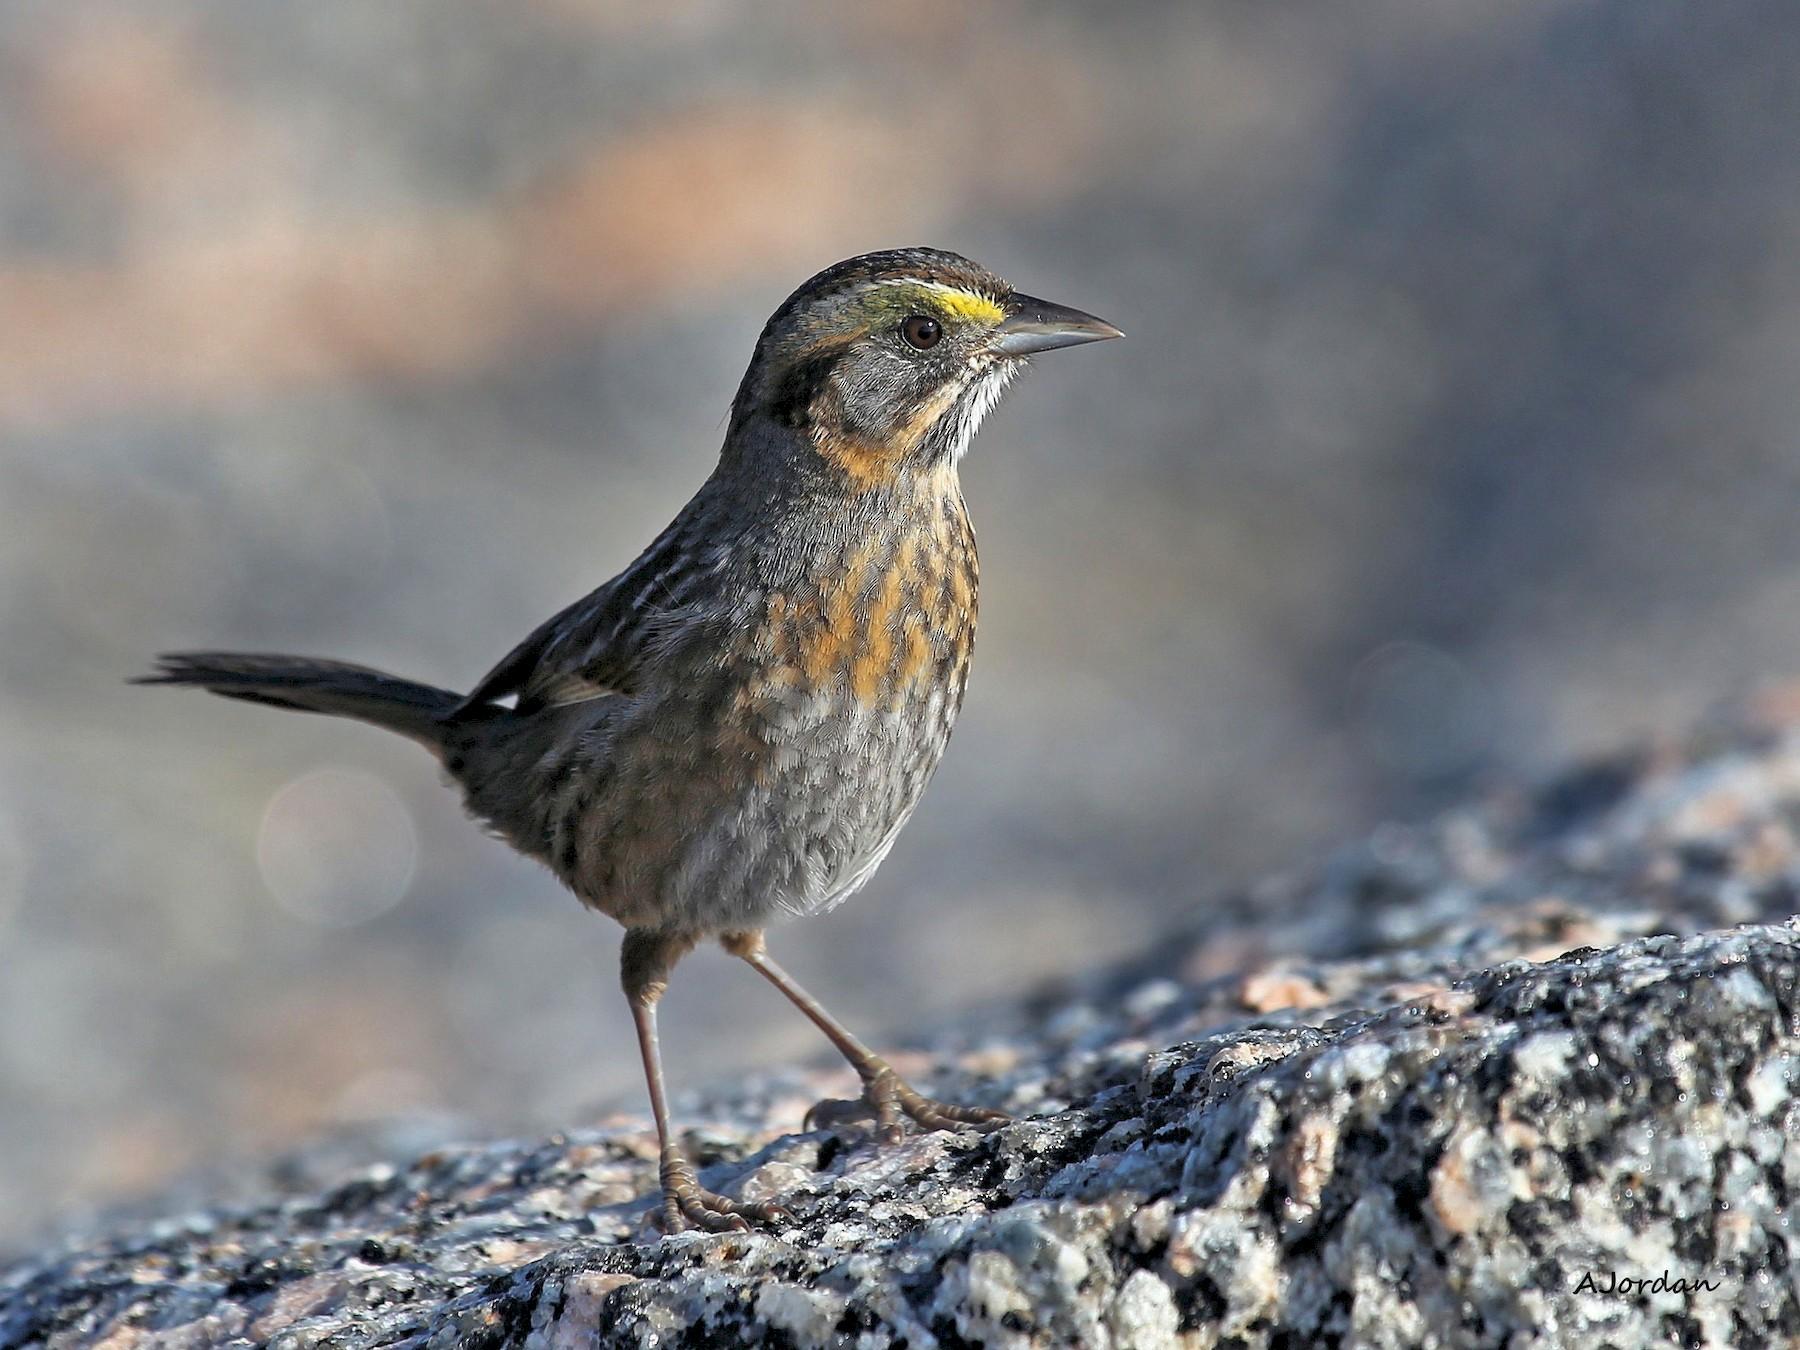 Seaside Sparrow - Andy Jordan